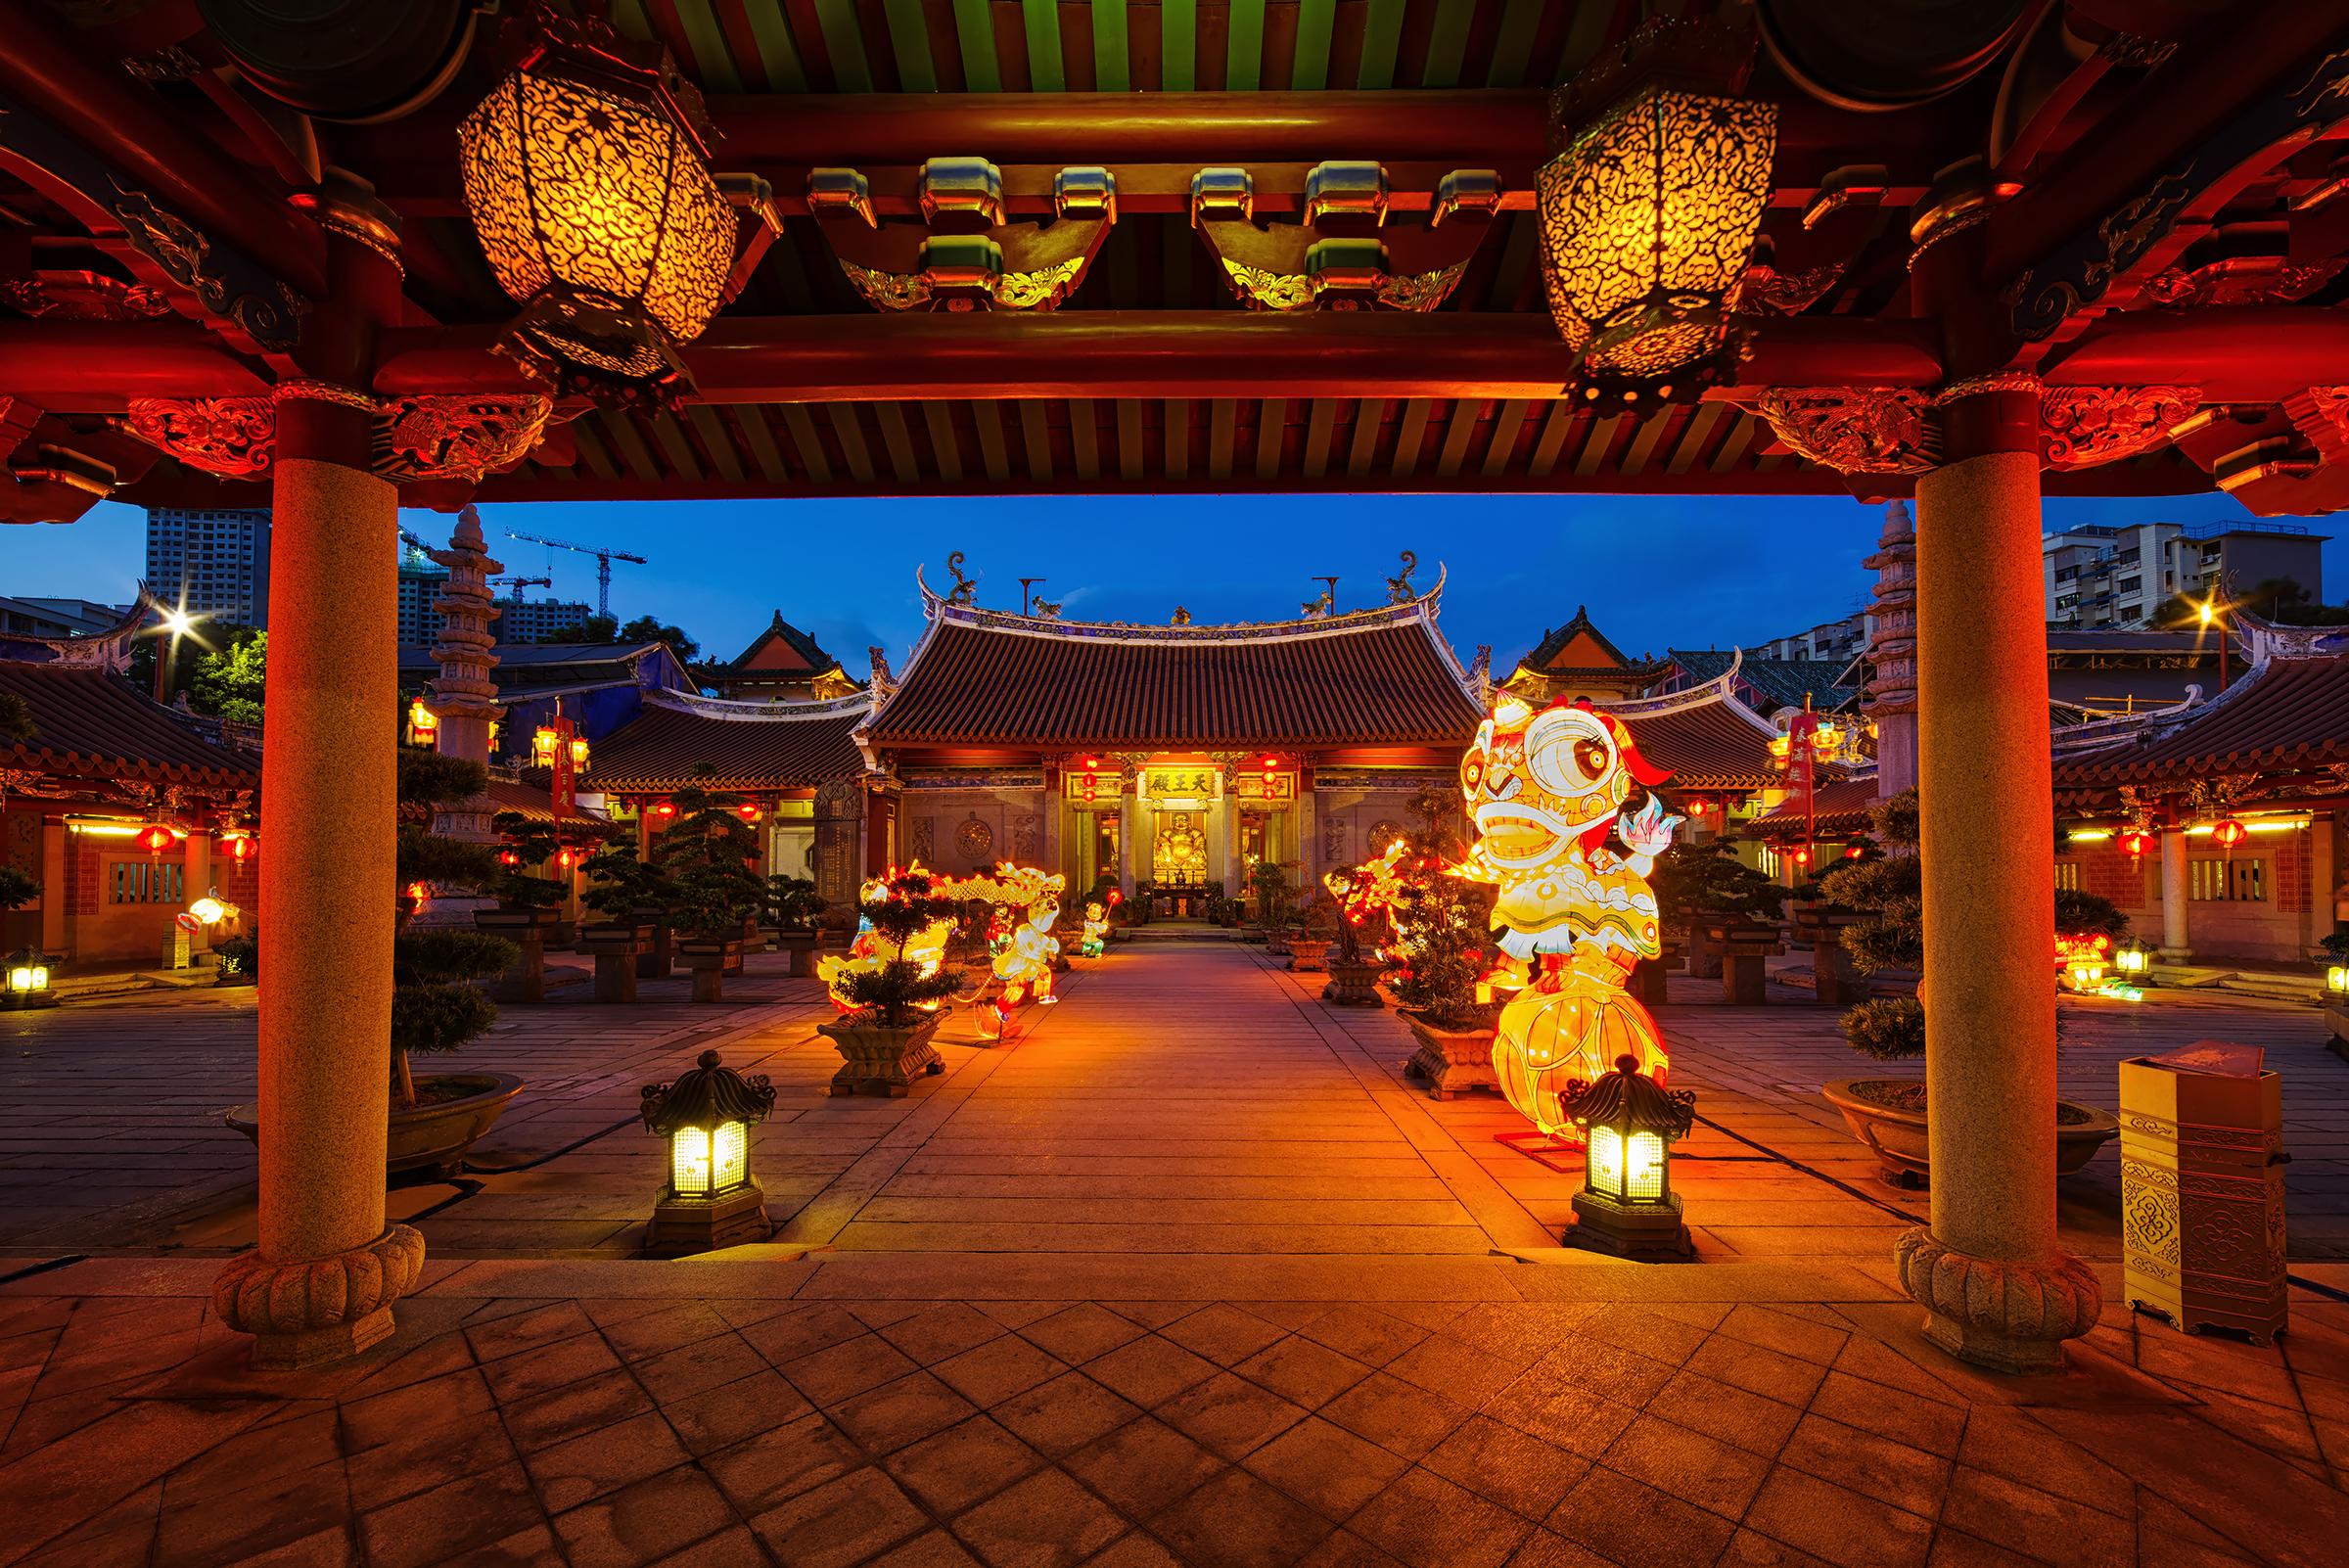 デスクトップ壁紙 ランドマーク 中国建築 神社 寺院 点灯 夜